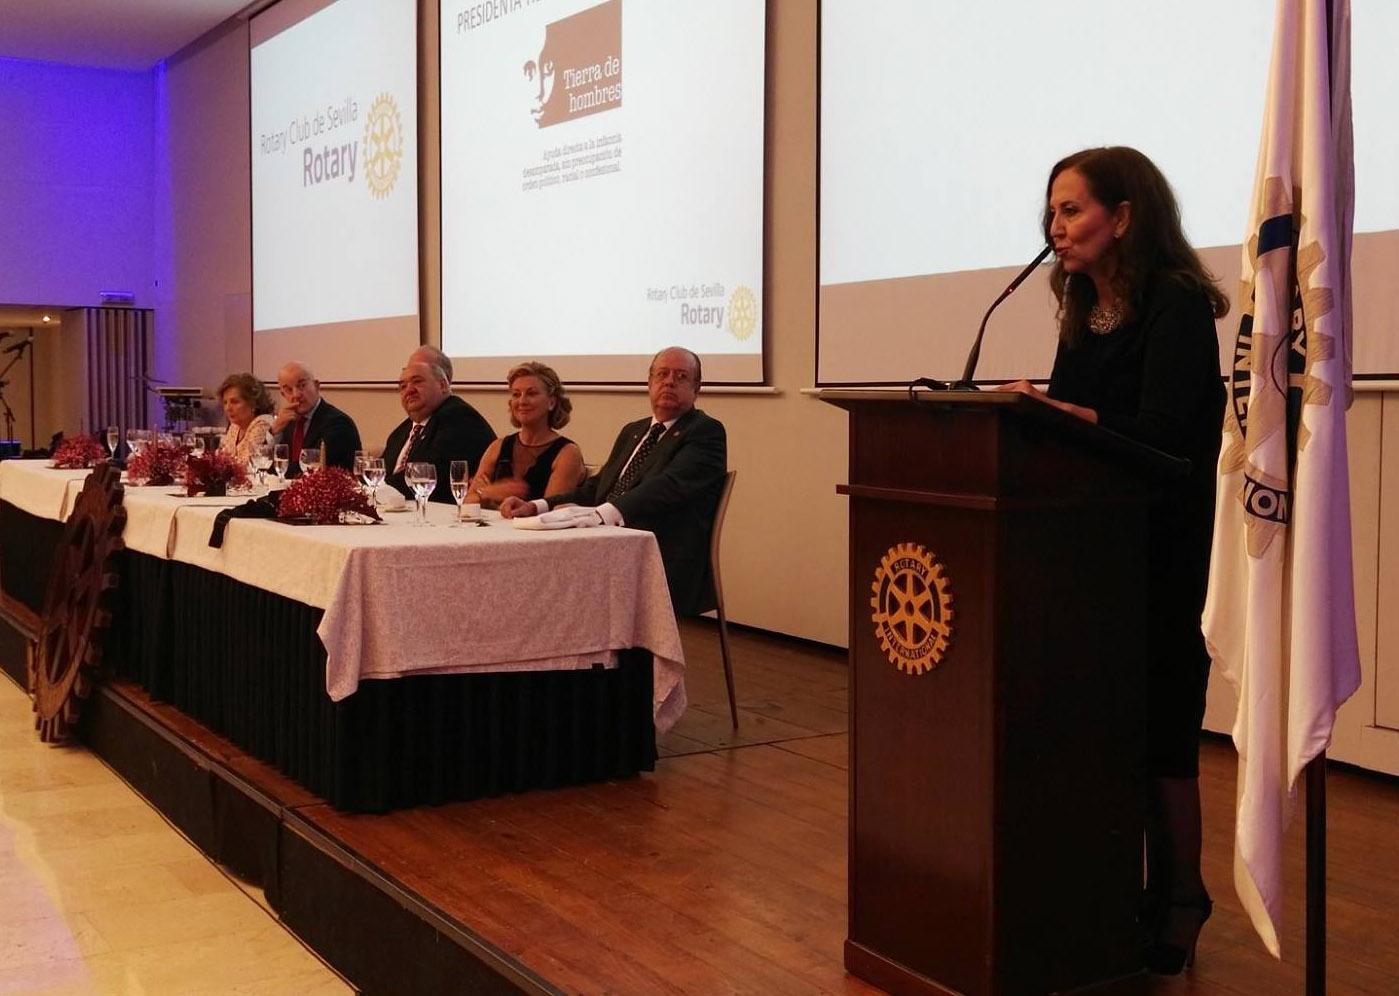 Más de 300 personas apoyan a Tierra de hombres en la cena solidaria de Rotary Club de Sevilla